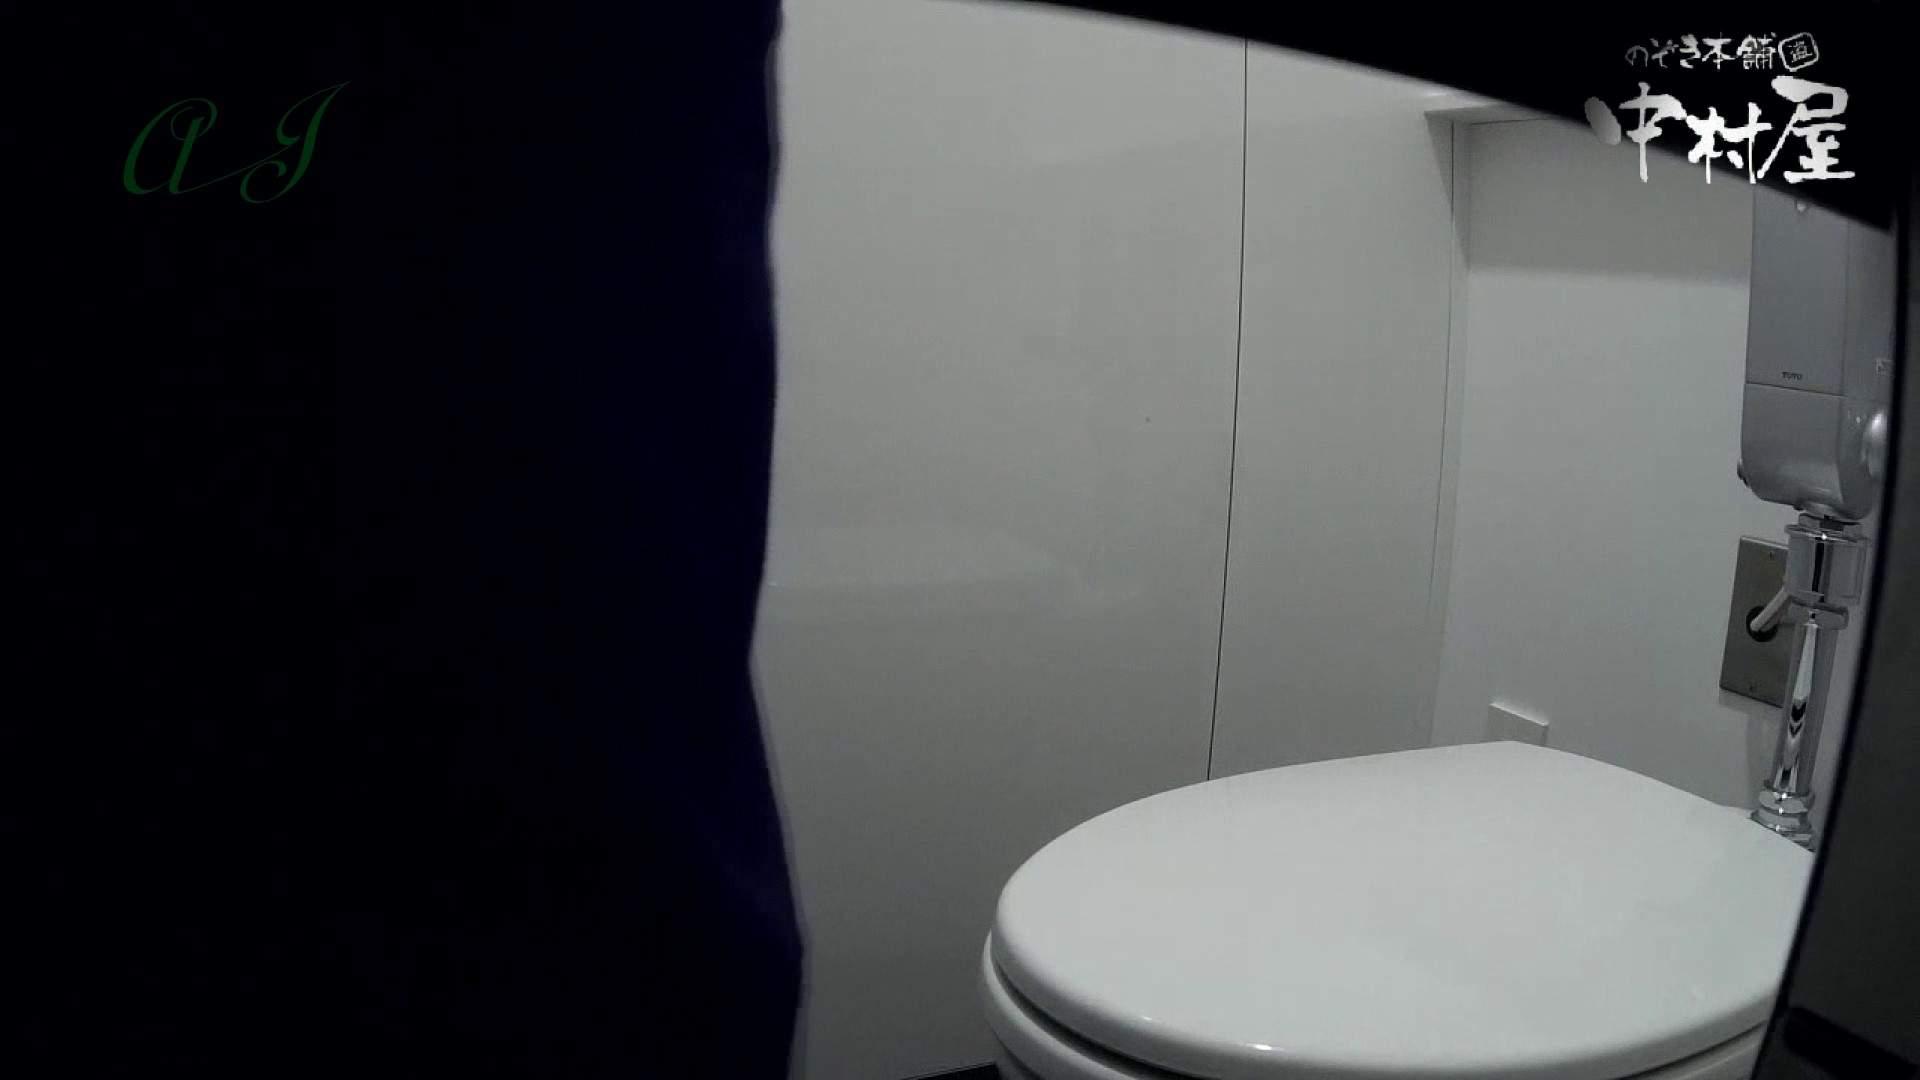 有名大学女性洗面所 vol.60 設置の神です。 潜入シリーズ  105Pix 6